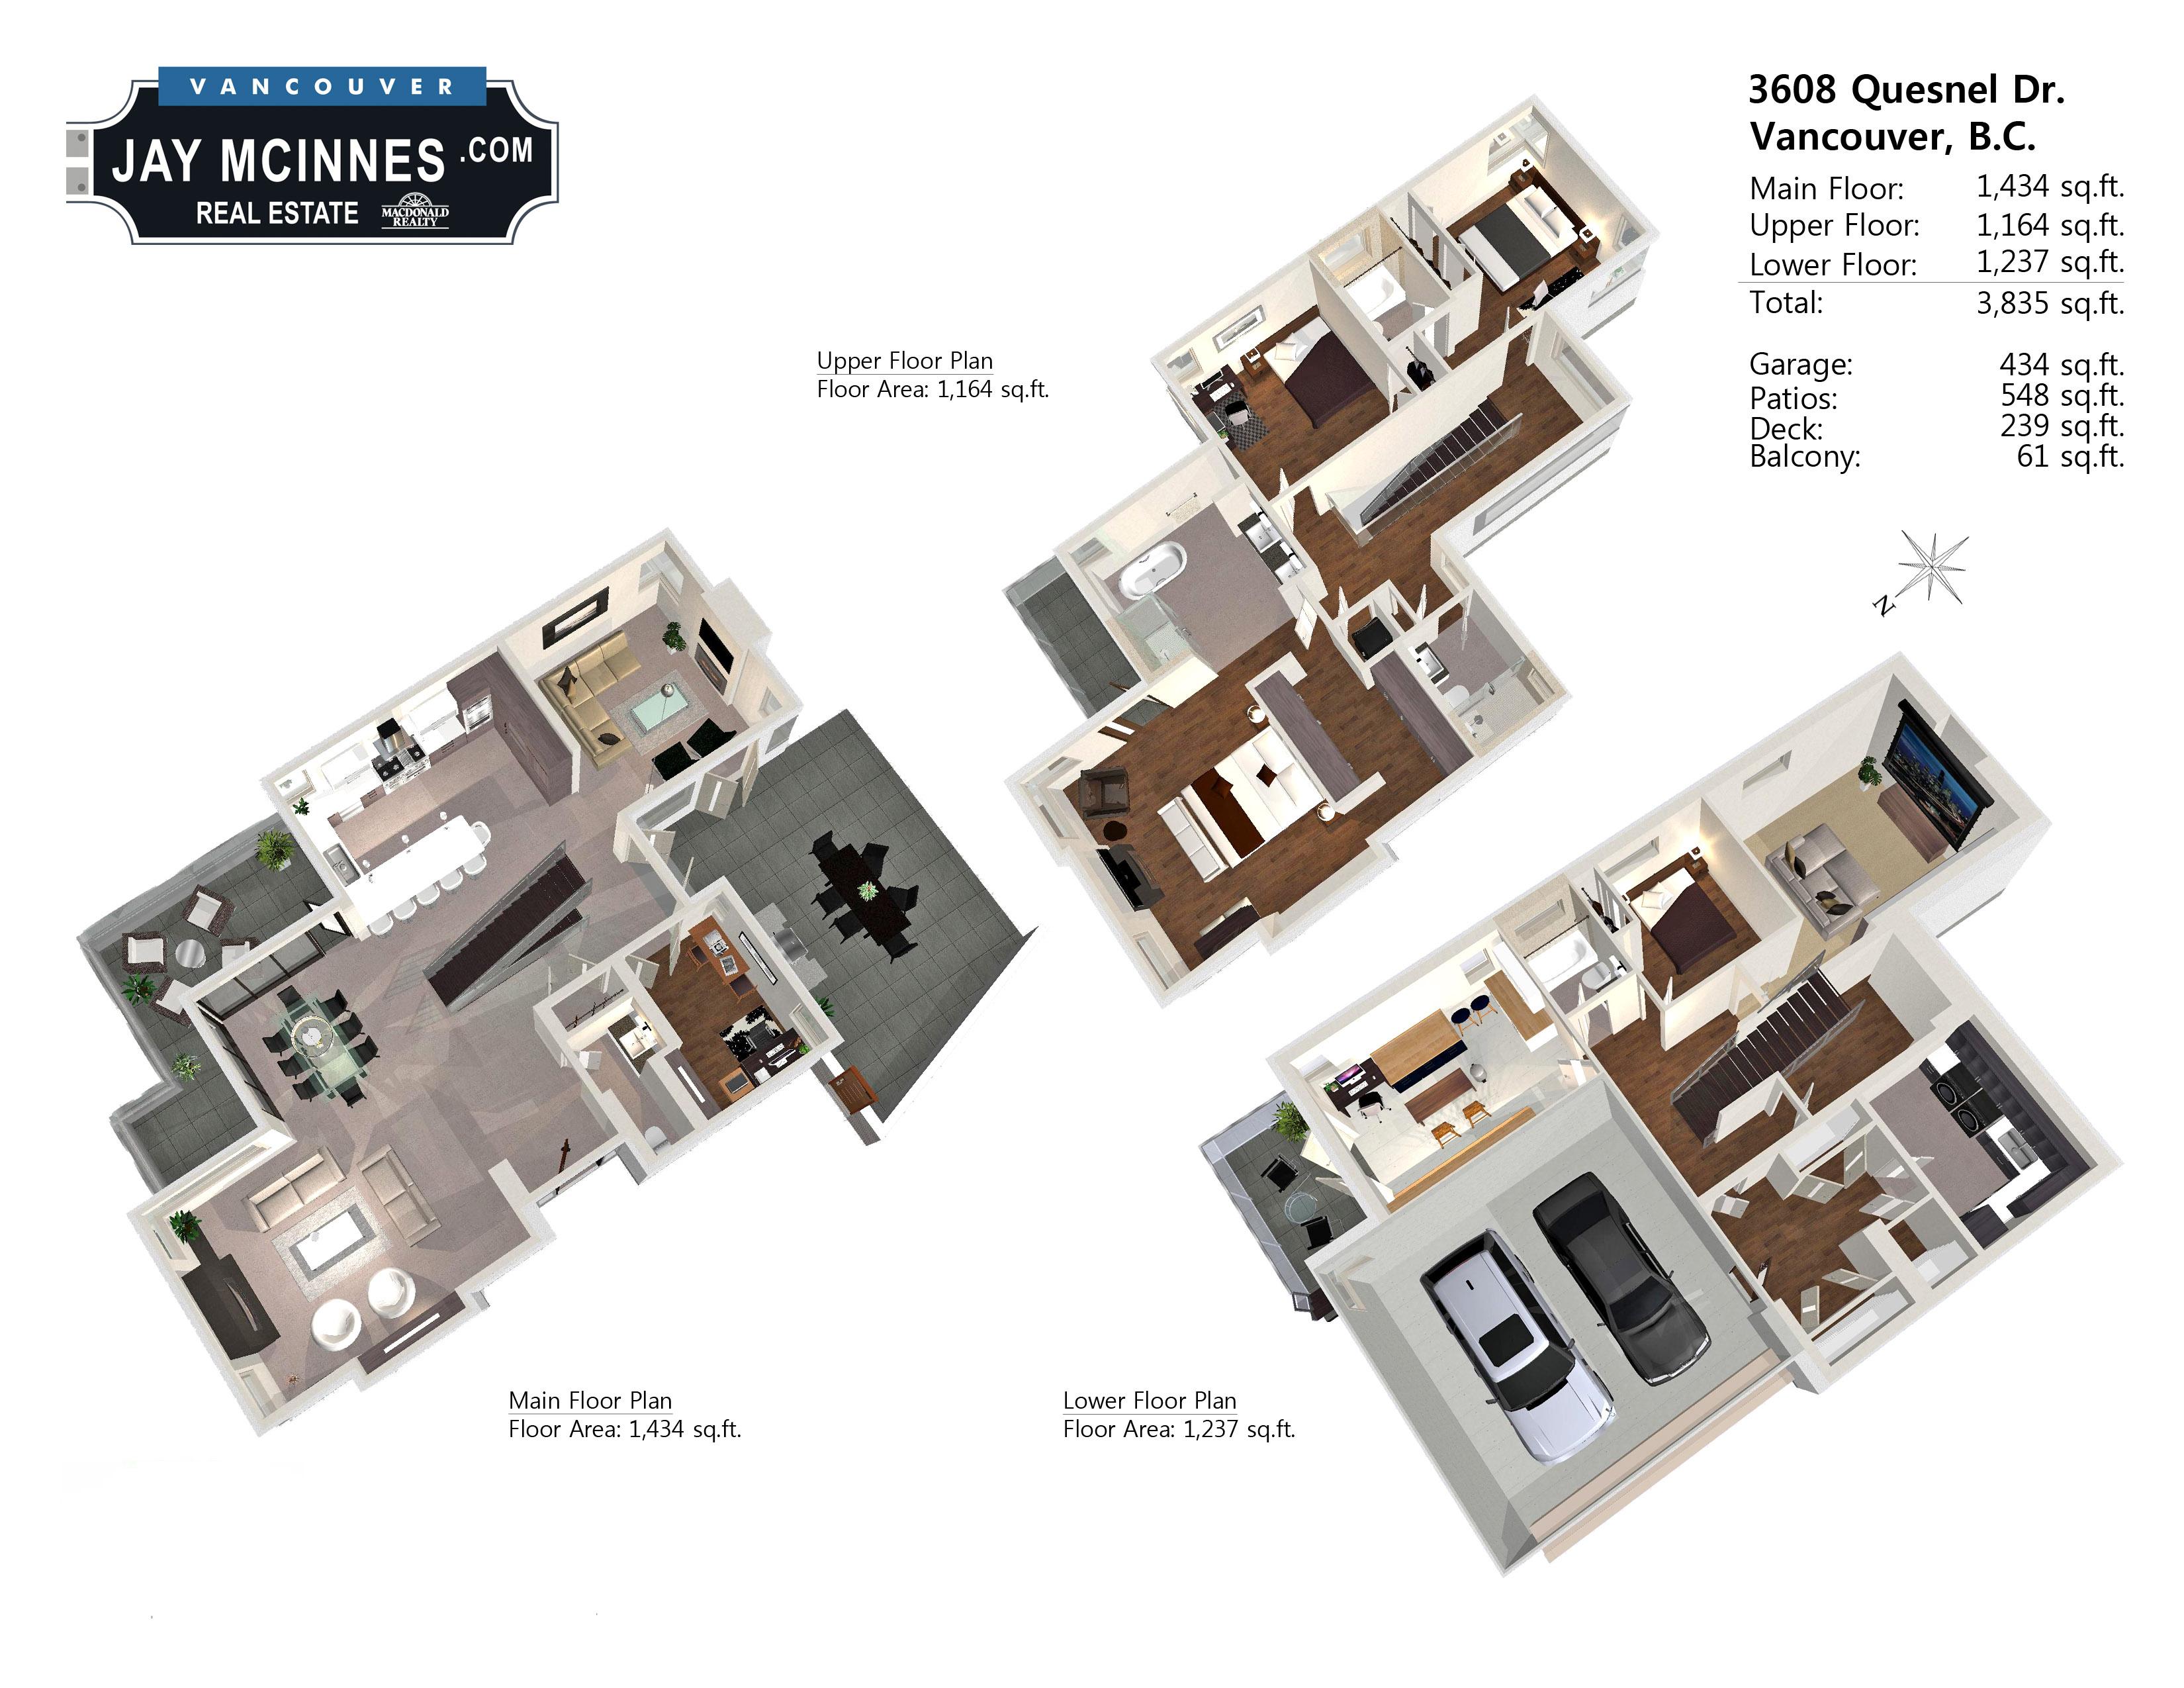 3d floor plan design software free for Real estate floor plans software